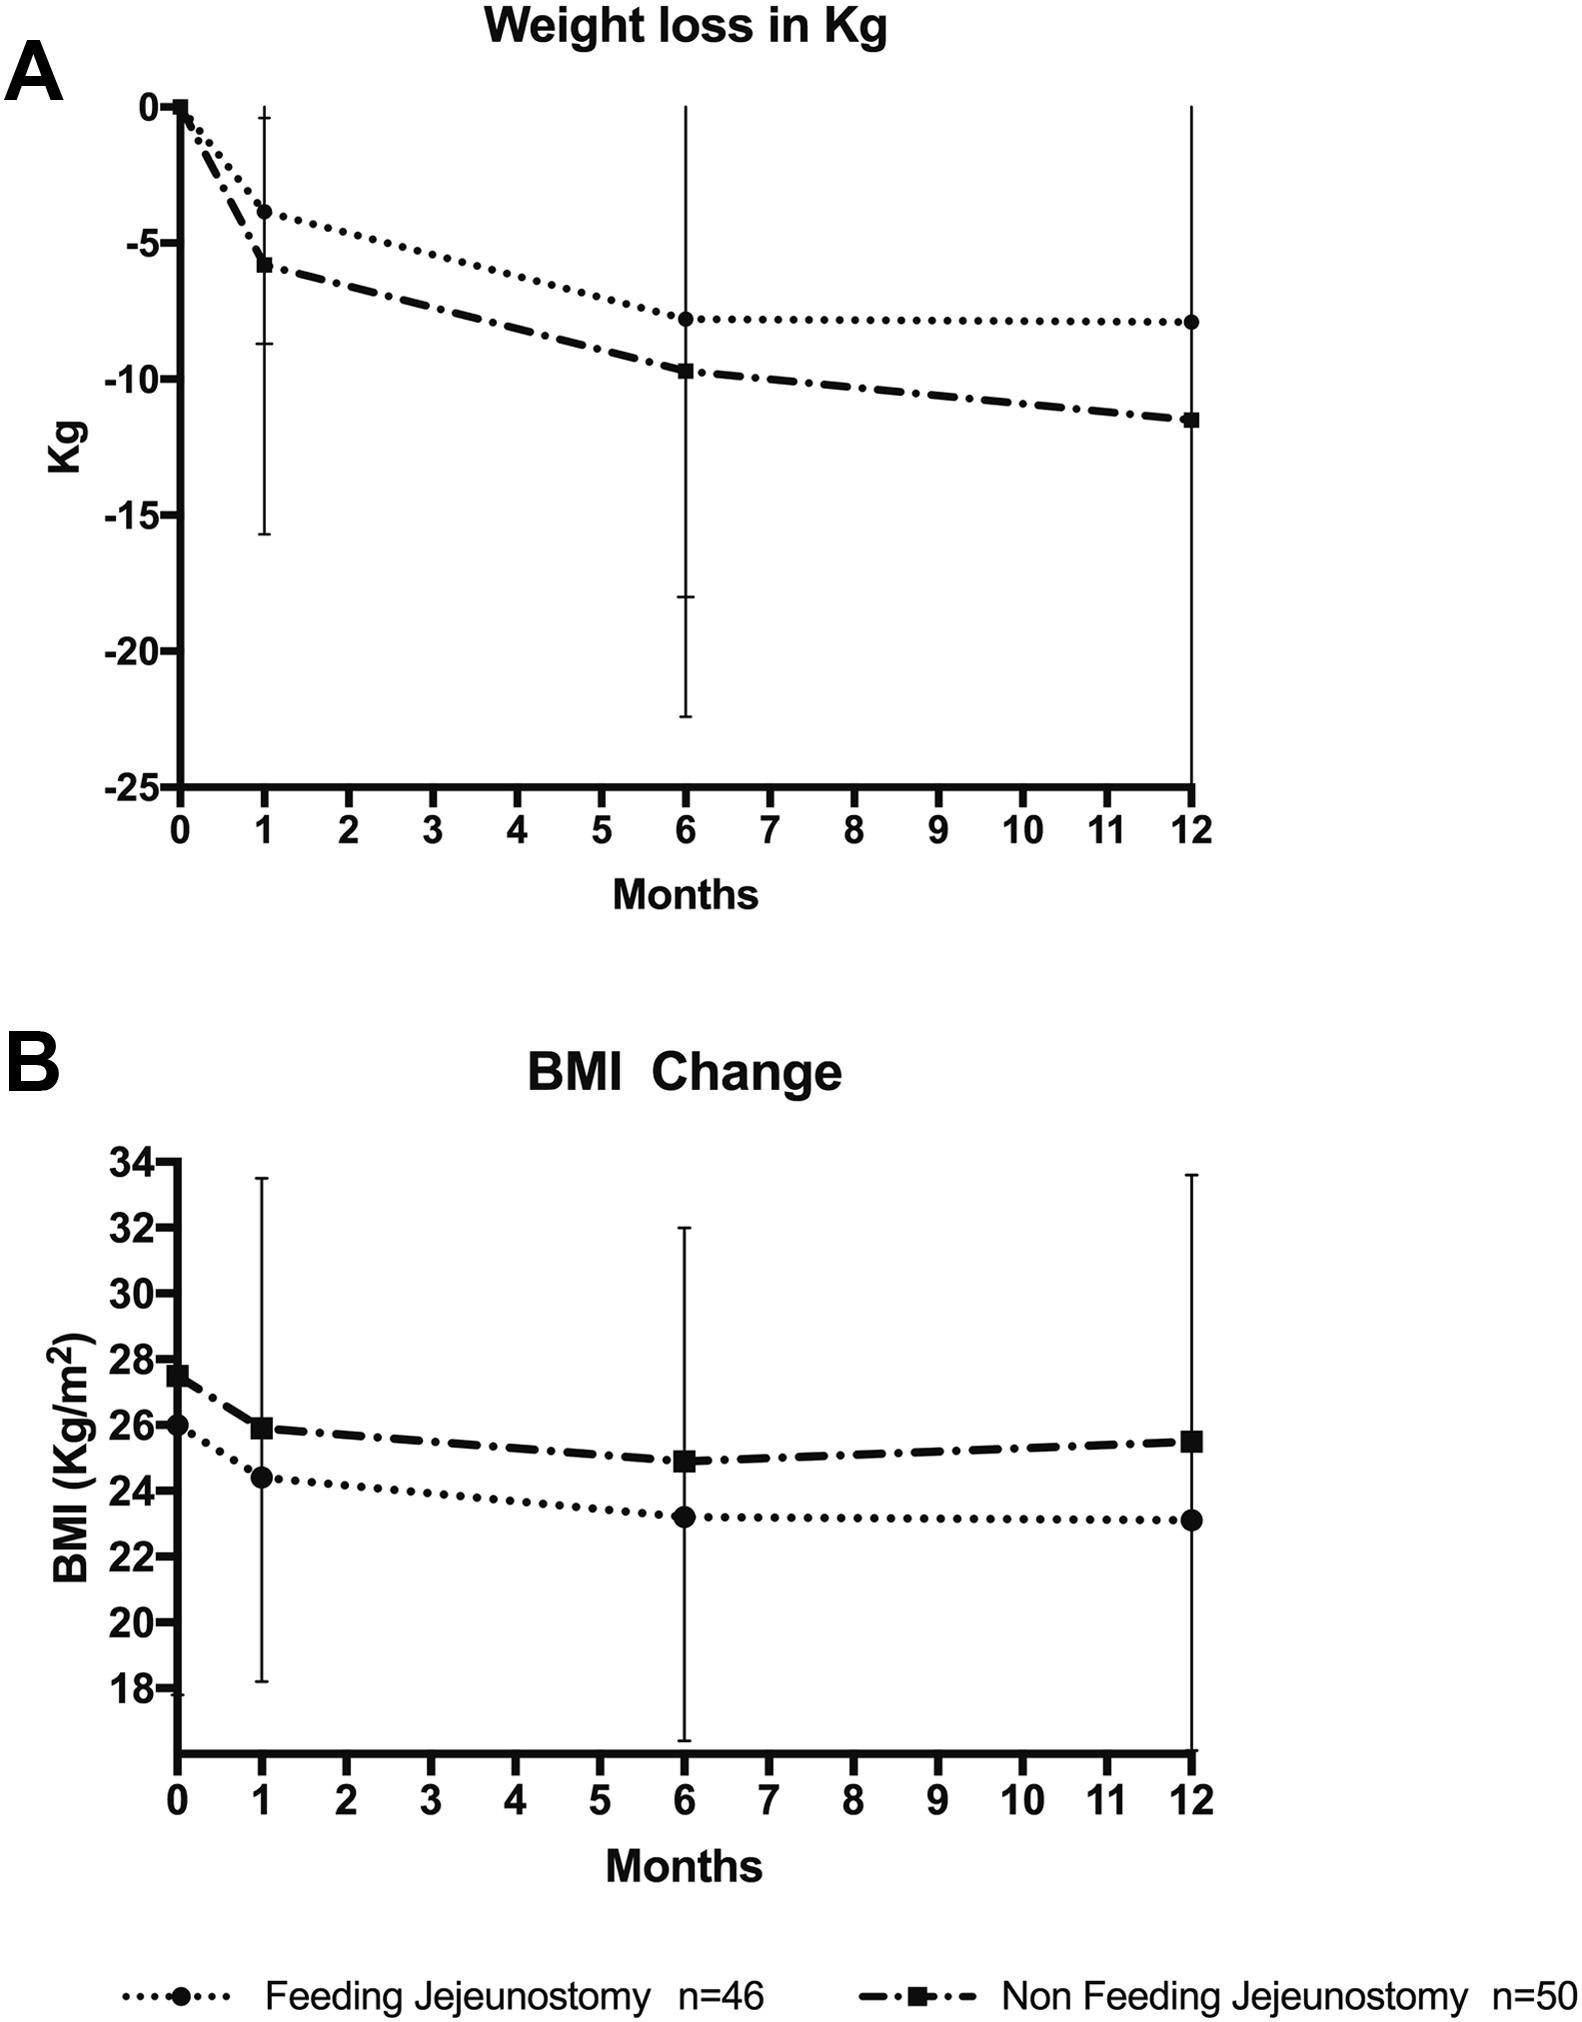 Elimination of Routine Feeding Jejunostomy After Esophagectomy